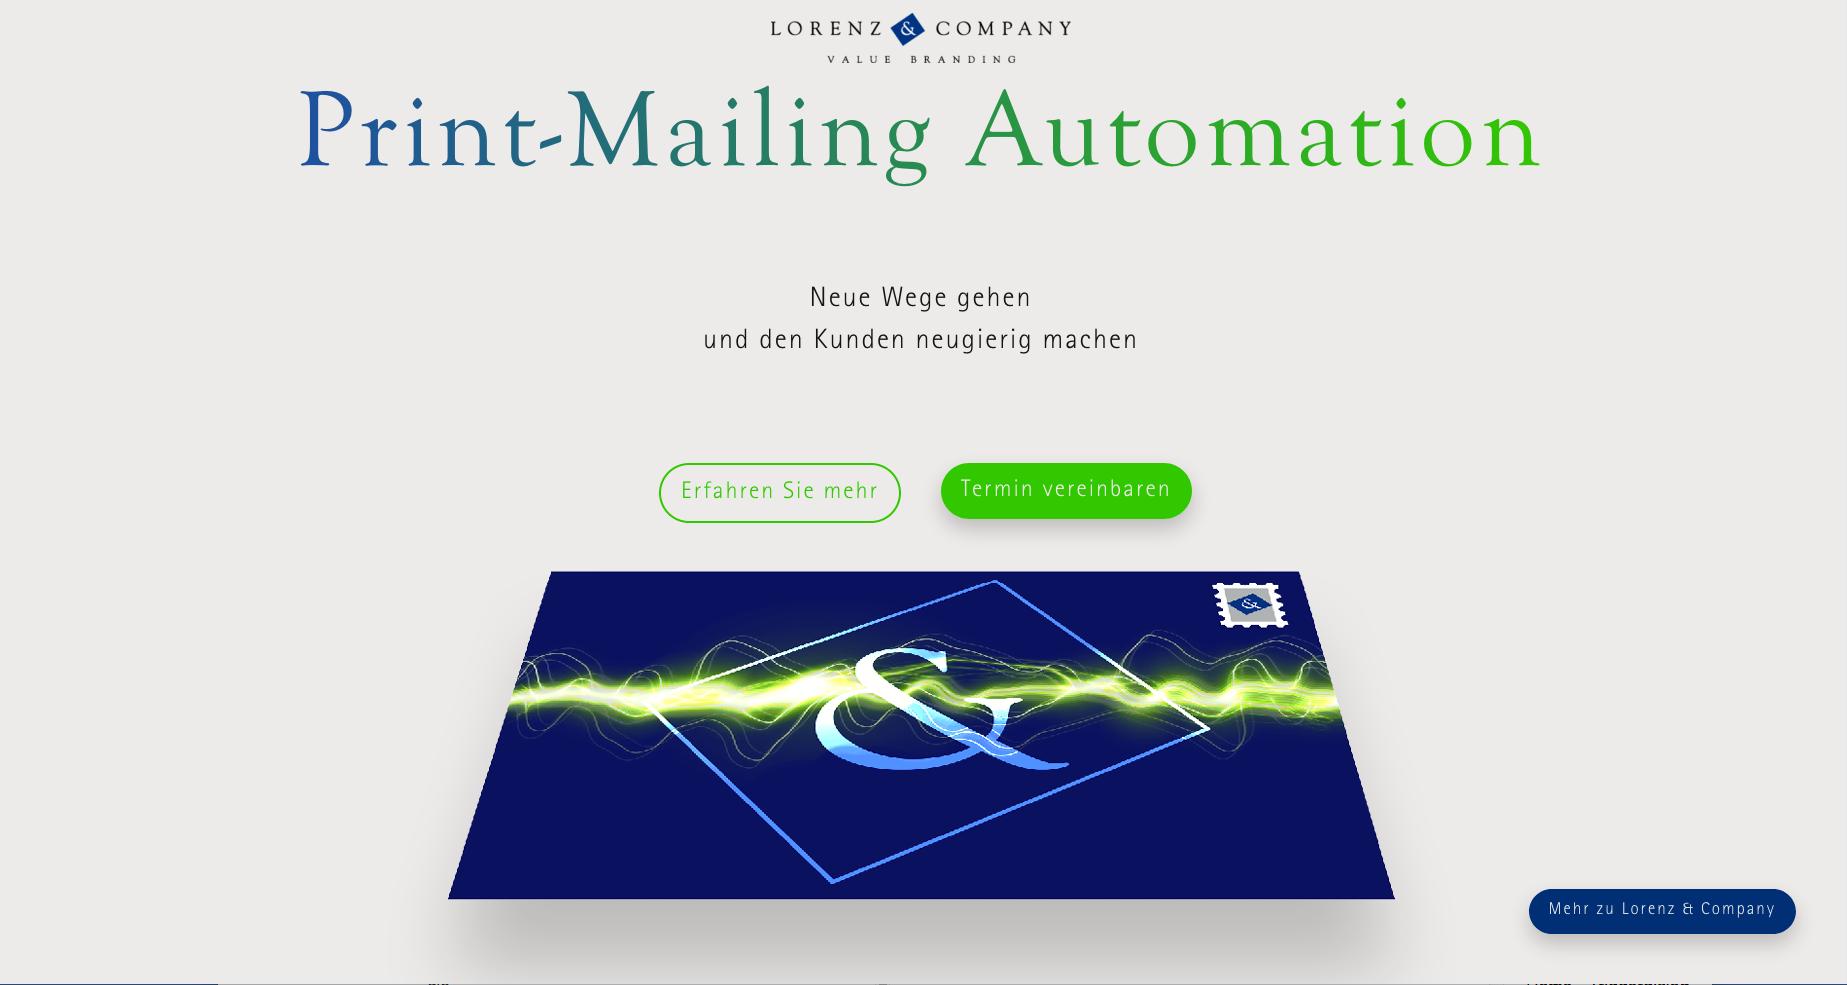 Als eine der ersten Kreativagentur kooperiert Lorenz & Company mit der Deutschen Post beim Print-Mailing-Automation.